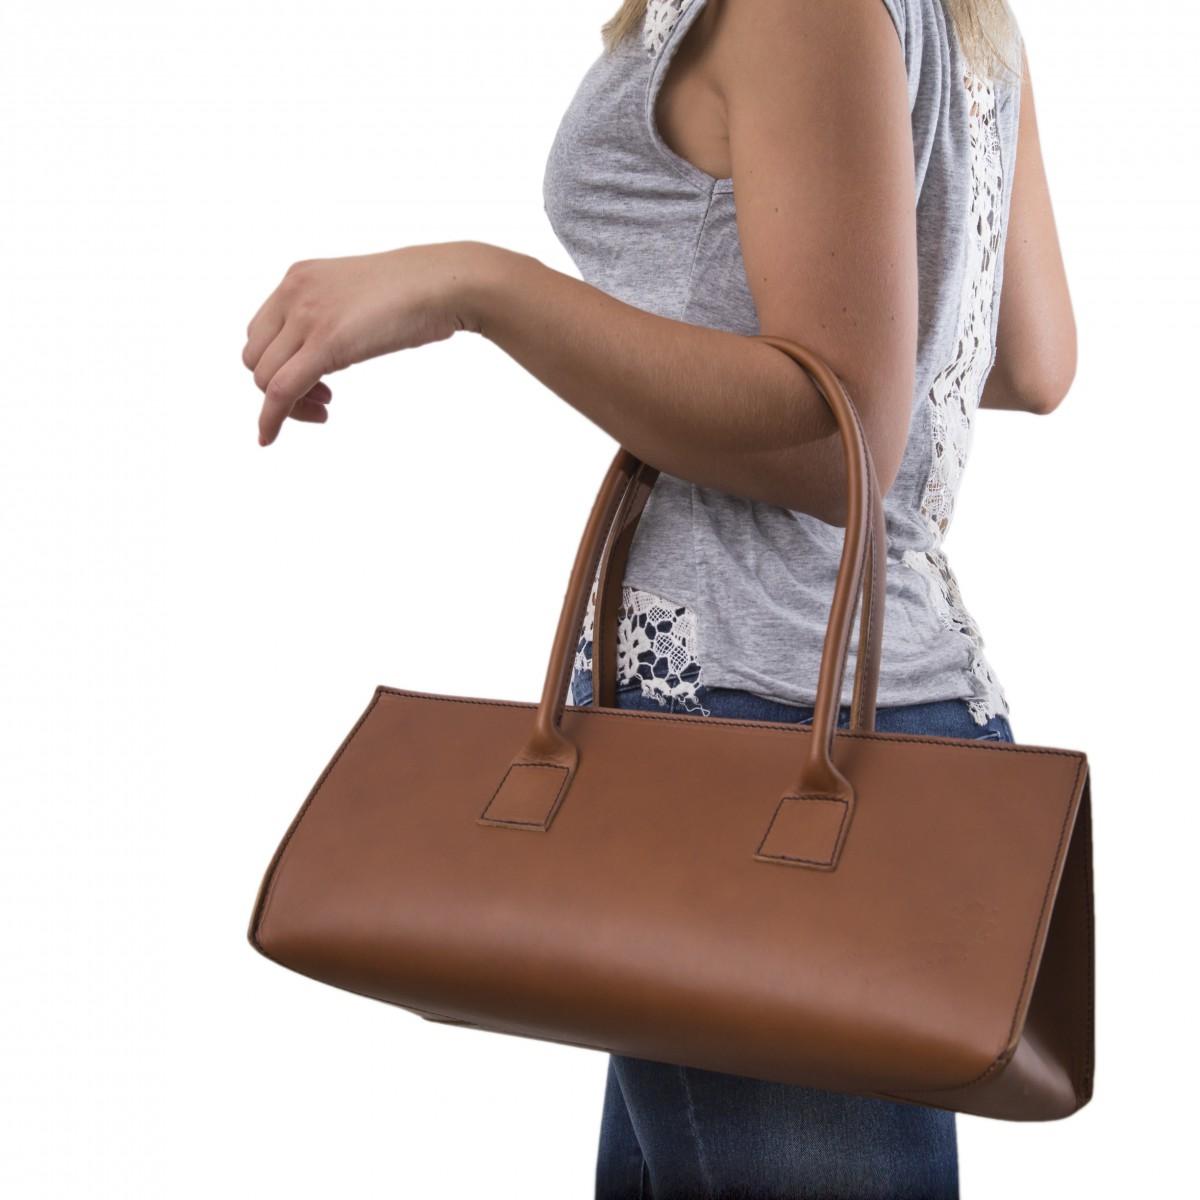 sac main en cuir marron pour femmes fait la main. Black Bedroom Furniture Sets. Home Design Ideas